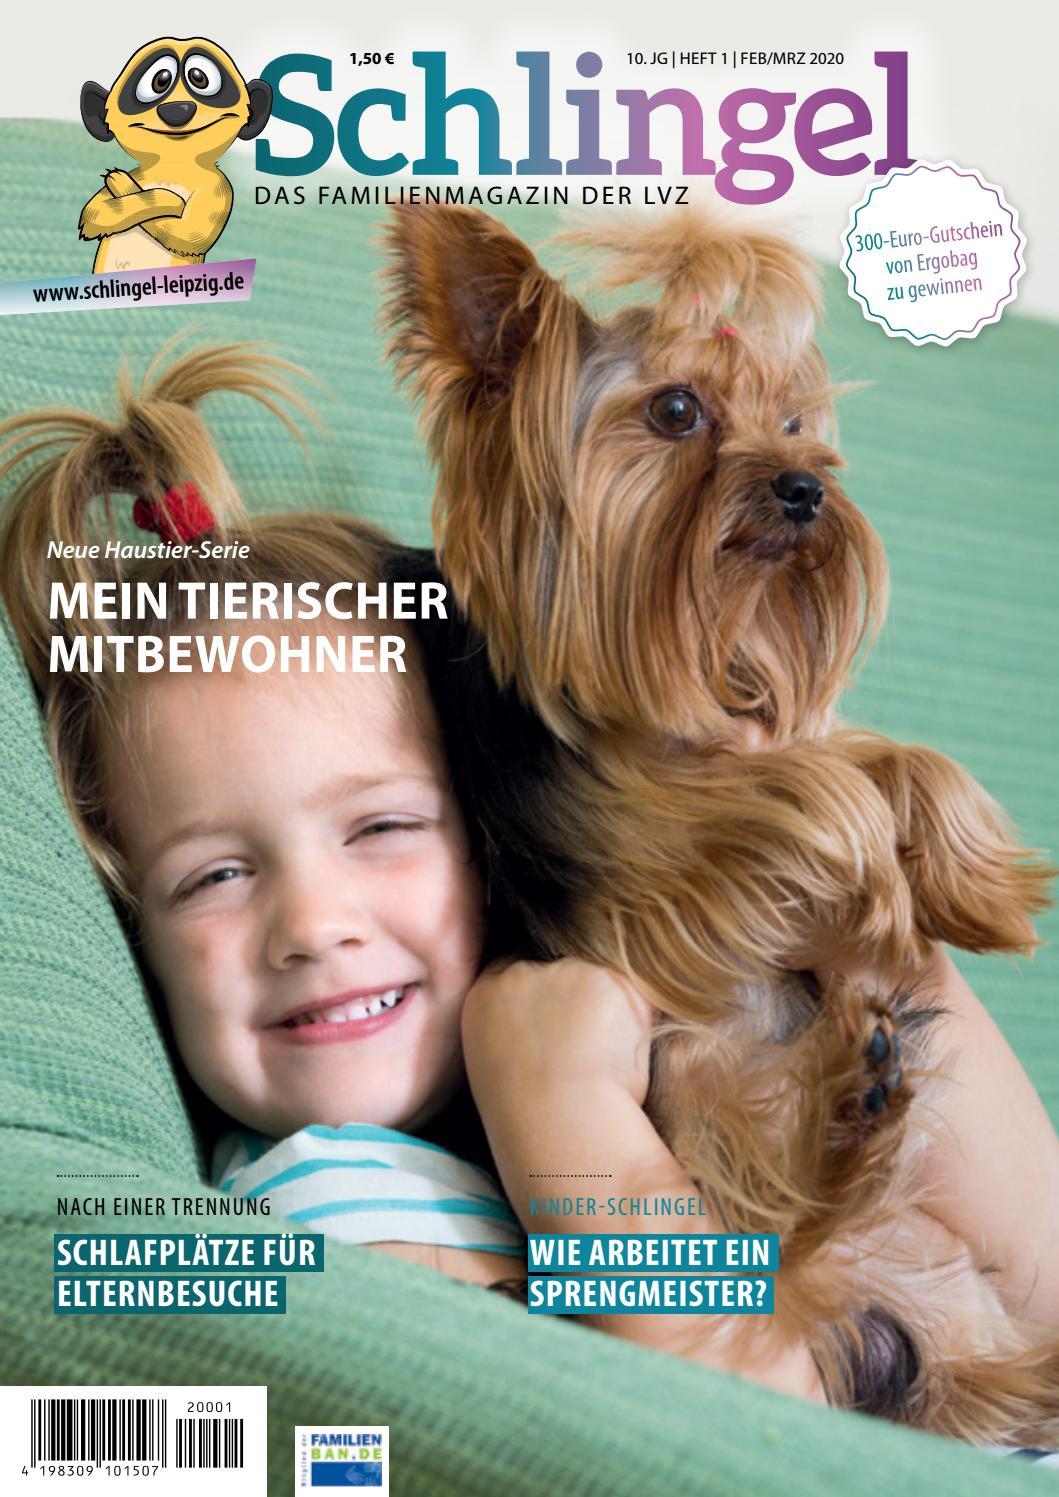 Schlingel Februar/März 12 - Das Familienmagazin der LVZ by Design